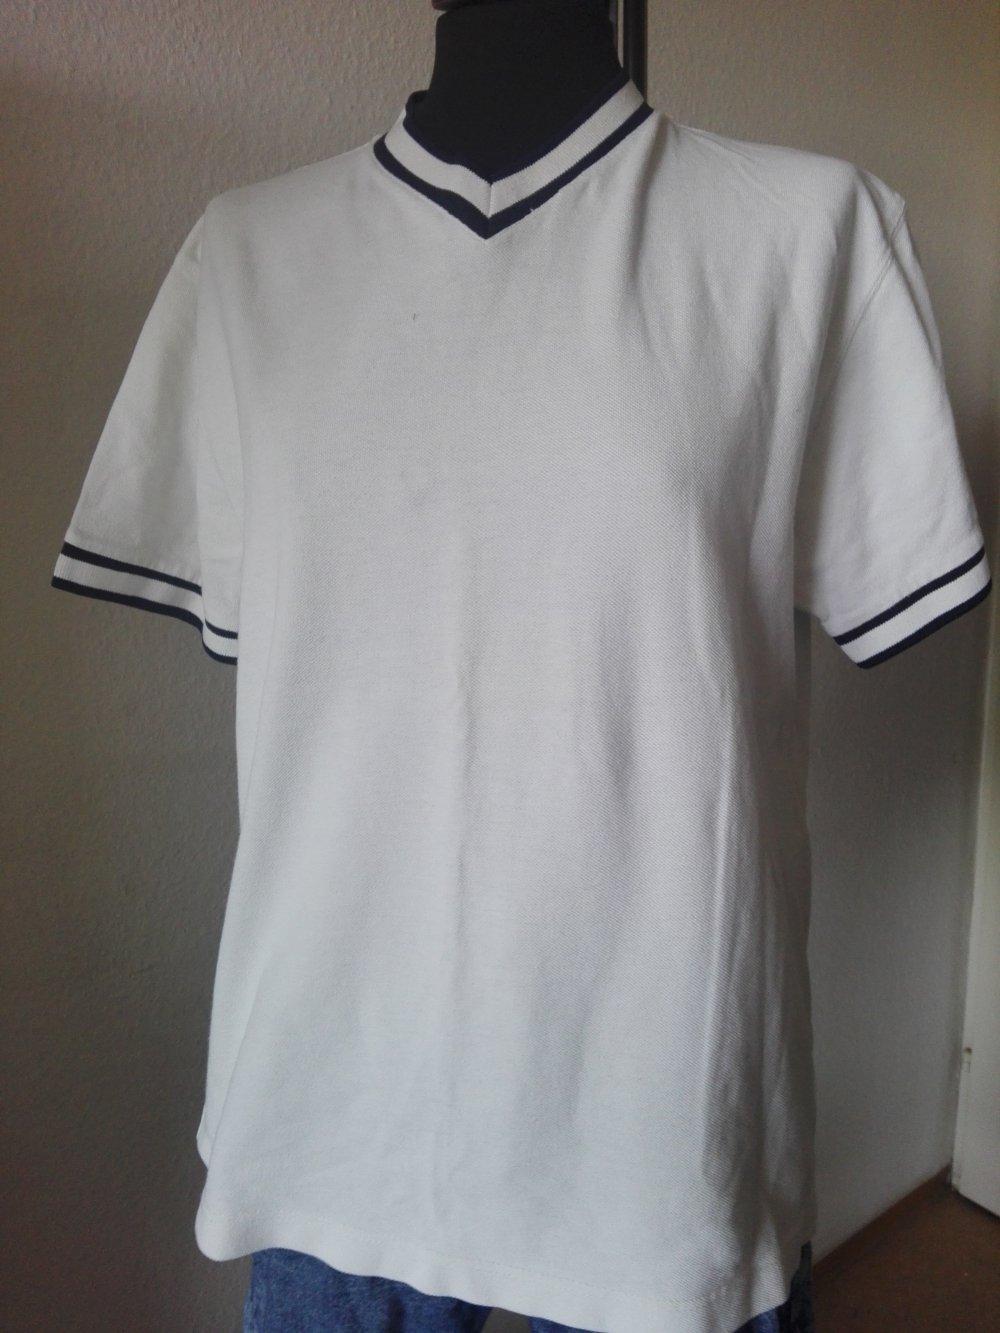 Burton T-Shirt Größe M V-Ausschnitt    Kleiderkorb.de 0ed3e3a5ff